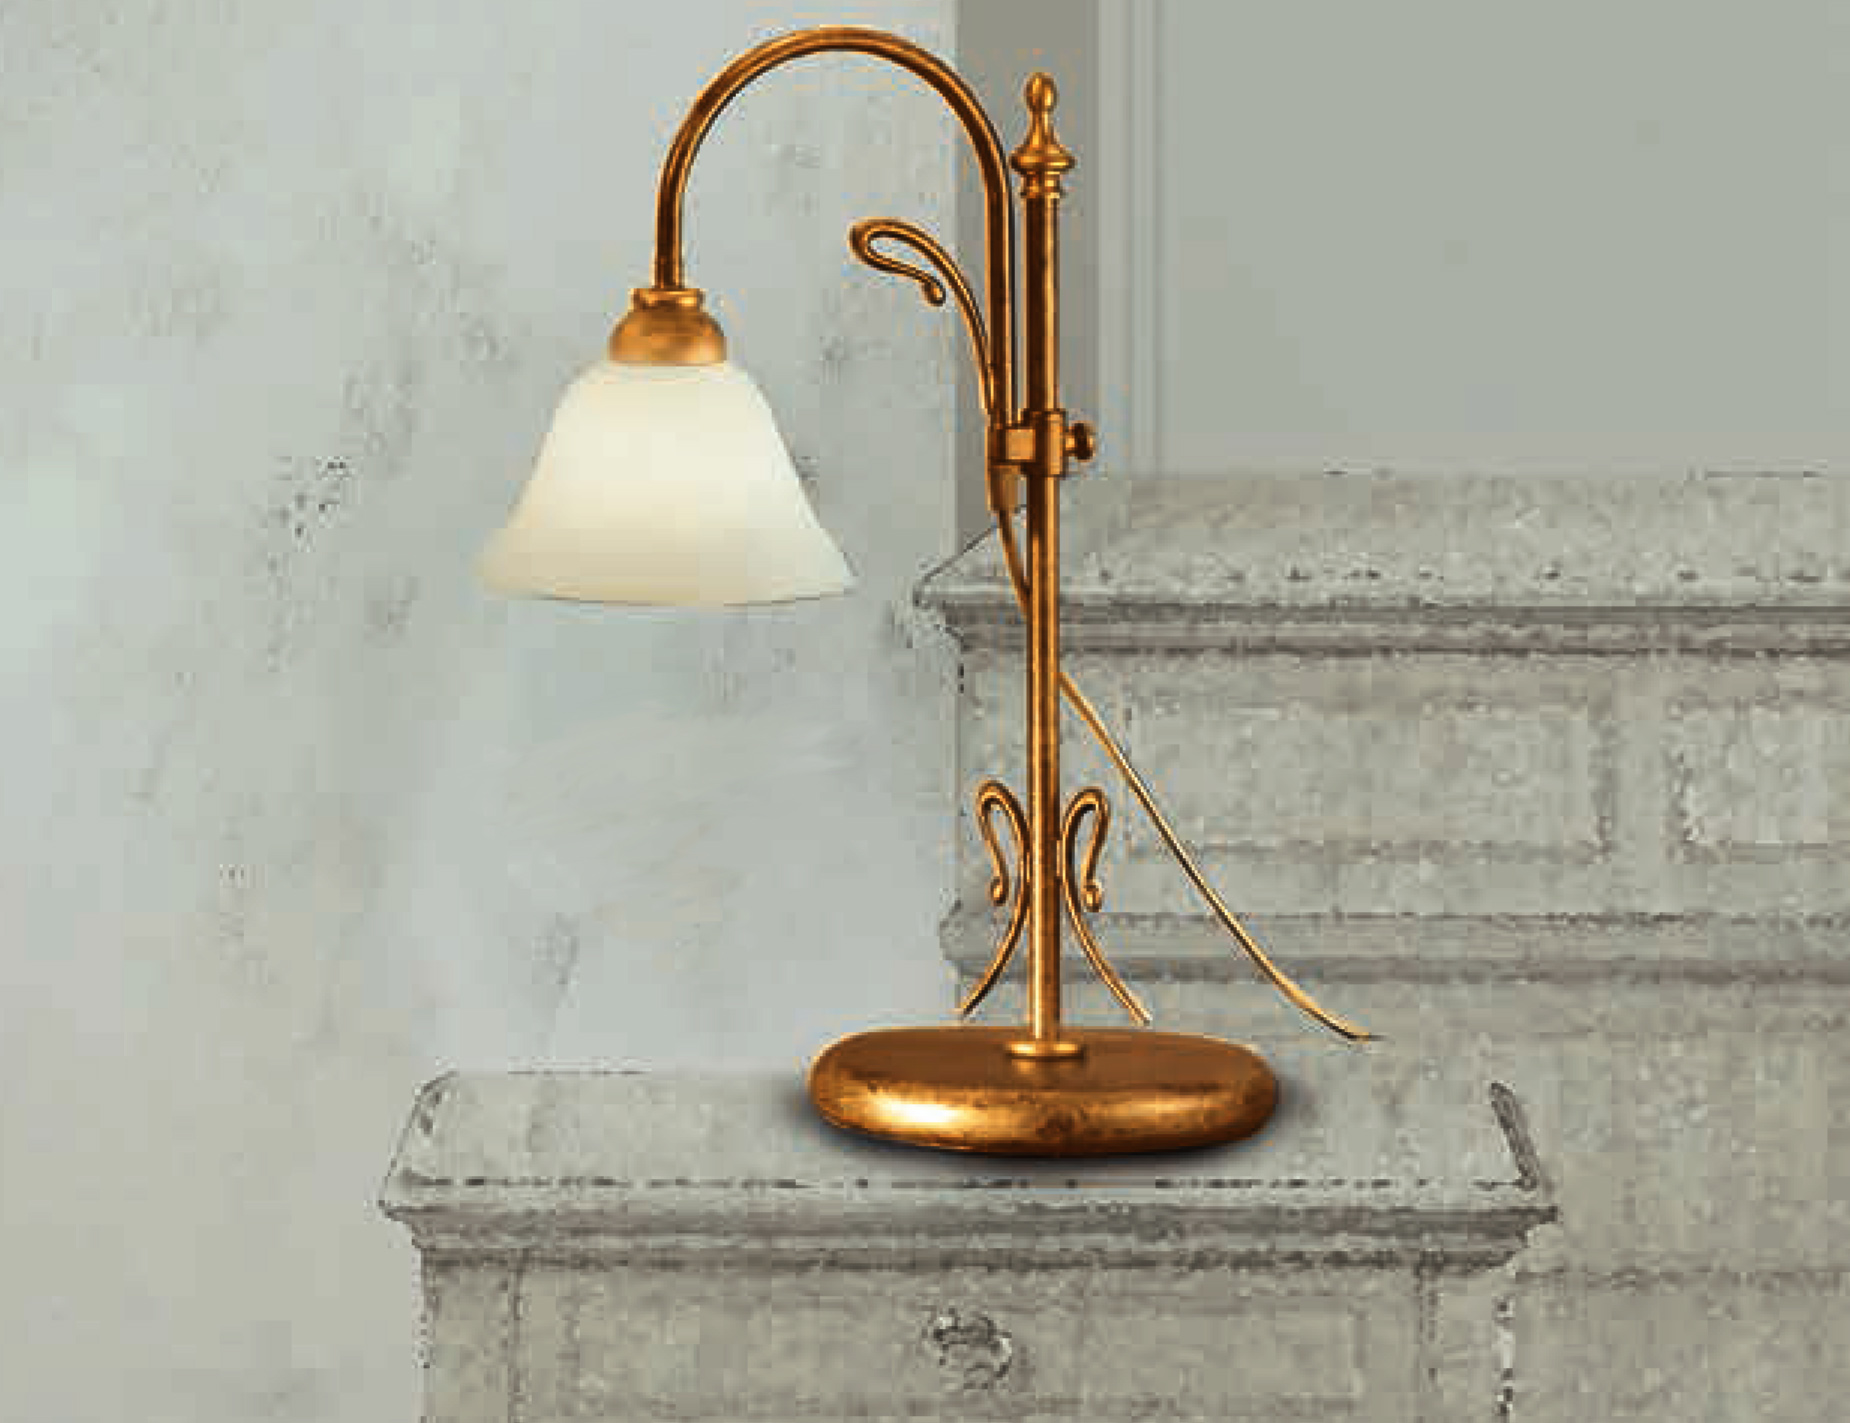 LAM-VIA DESE-Lampada da tavolo 2383/1LT-Ottone fiammato